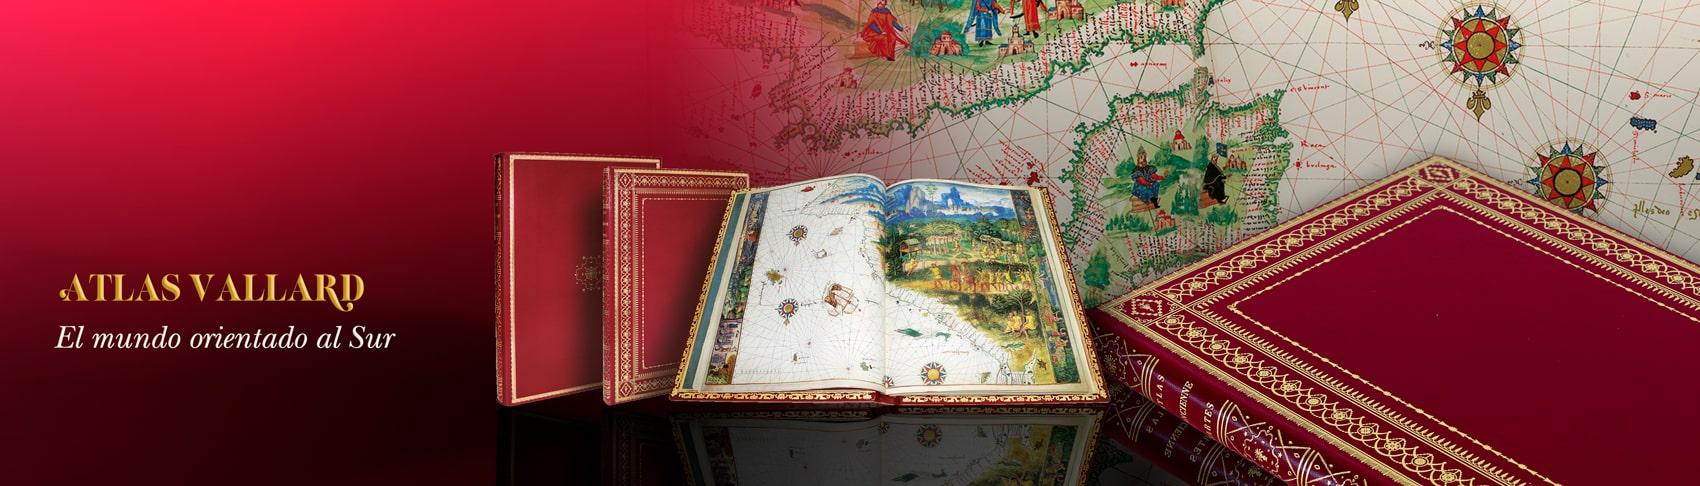 El Atlas Vallard uno de los más bellos atlas del siglo XVI, periodo de los descubrimientos. Obra maestra de la cartografía.